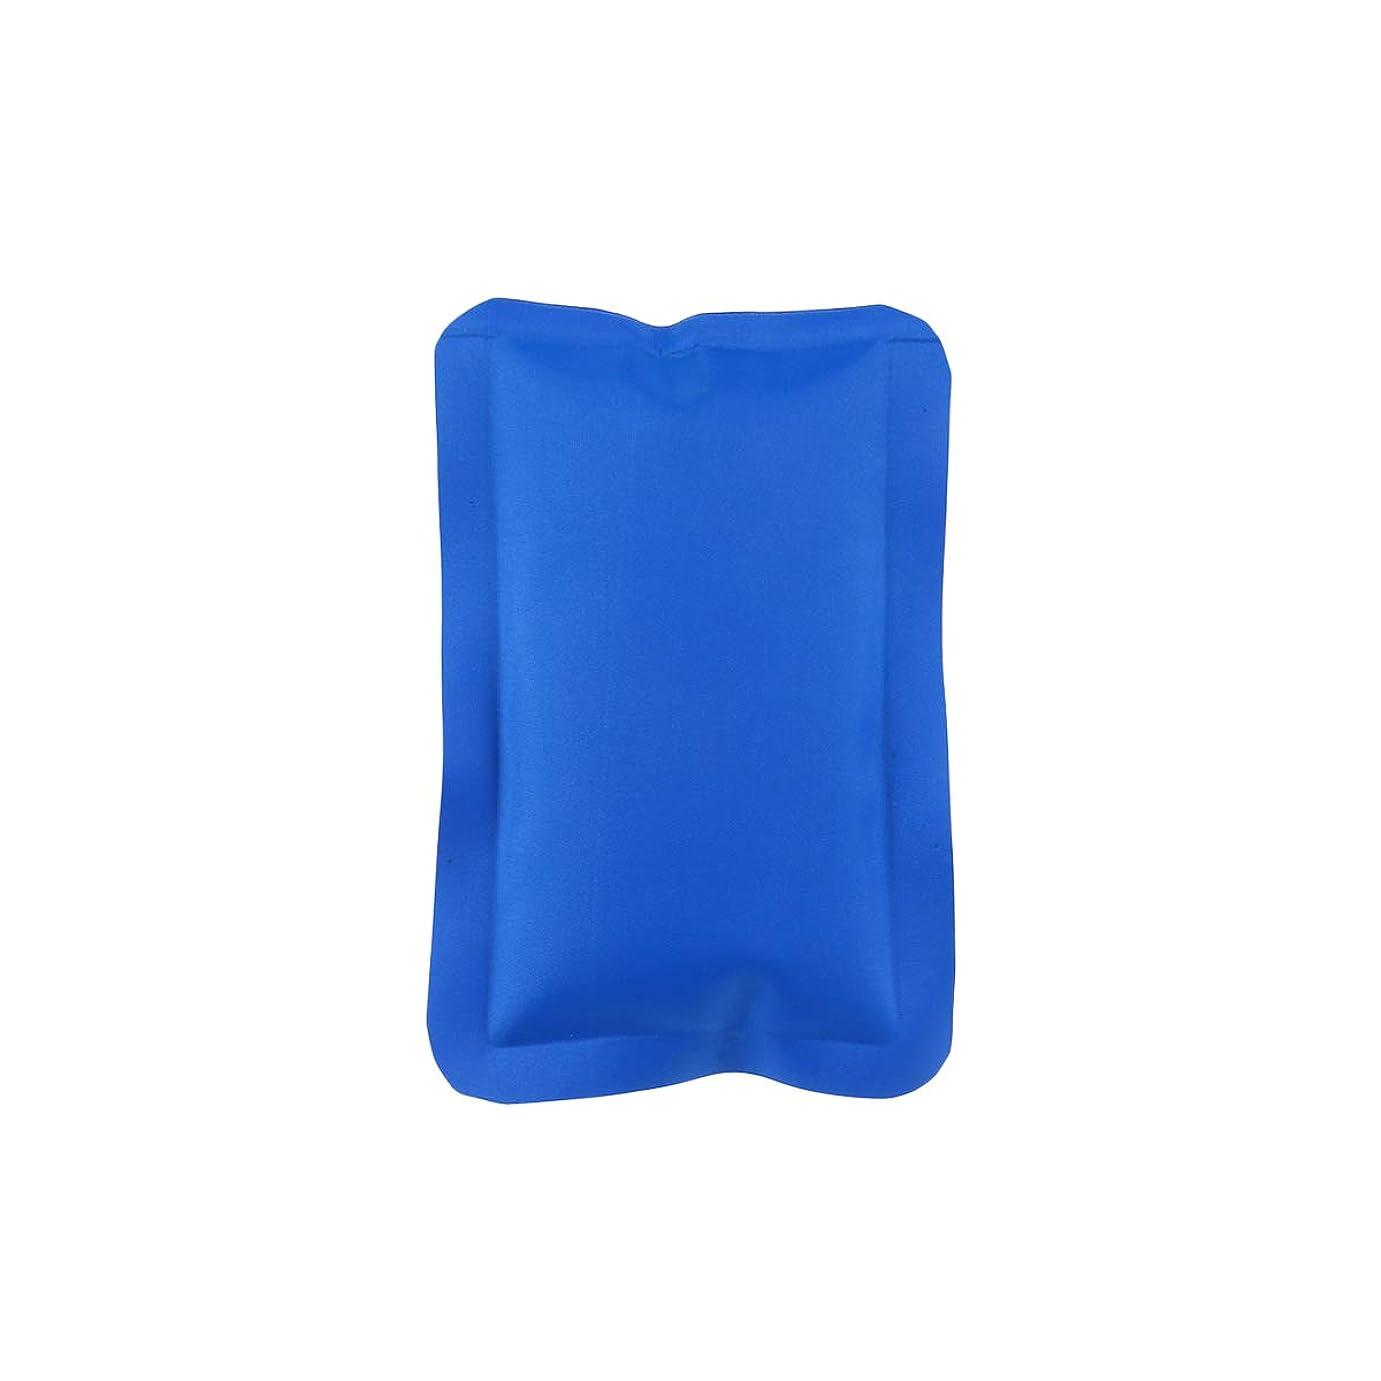 残高メカニック気候の山HEALLILY 150ML再利用可能なホット&コールドジェルパック(コンプレッションラップスポーツ傷害)ジェルアイスパック多目的ヒートパック(マッスルリリーフ用、16x10x1cm、ブルー)